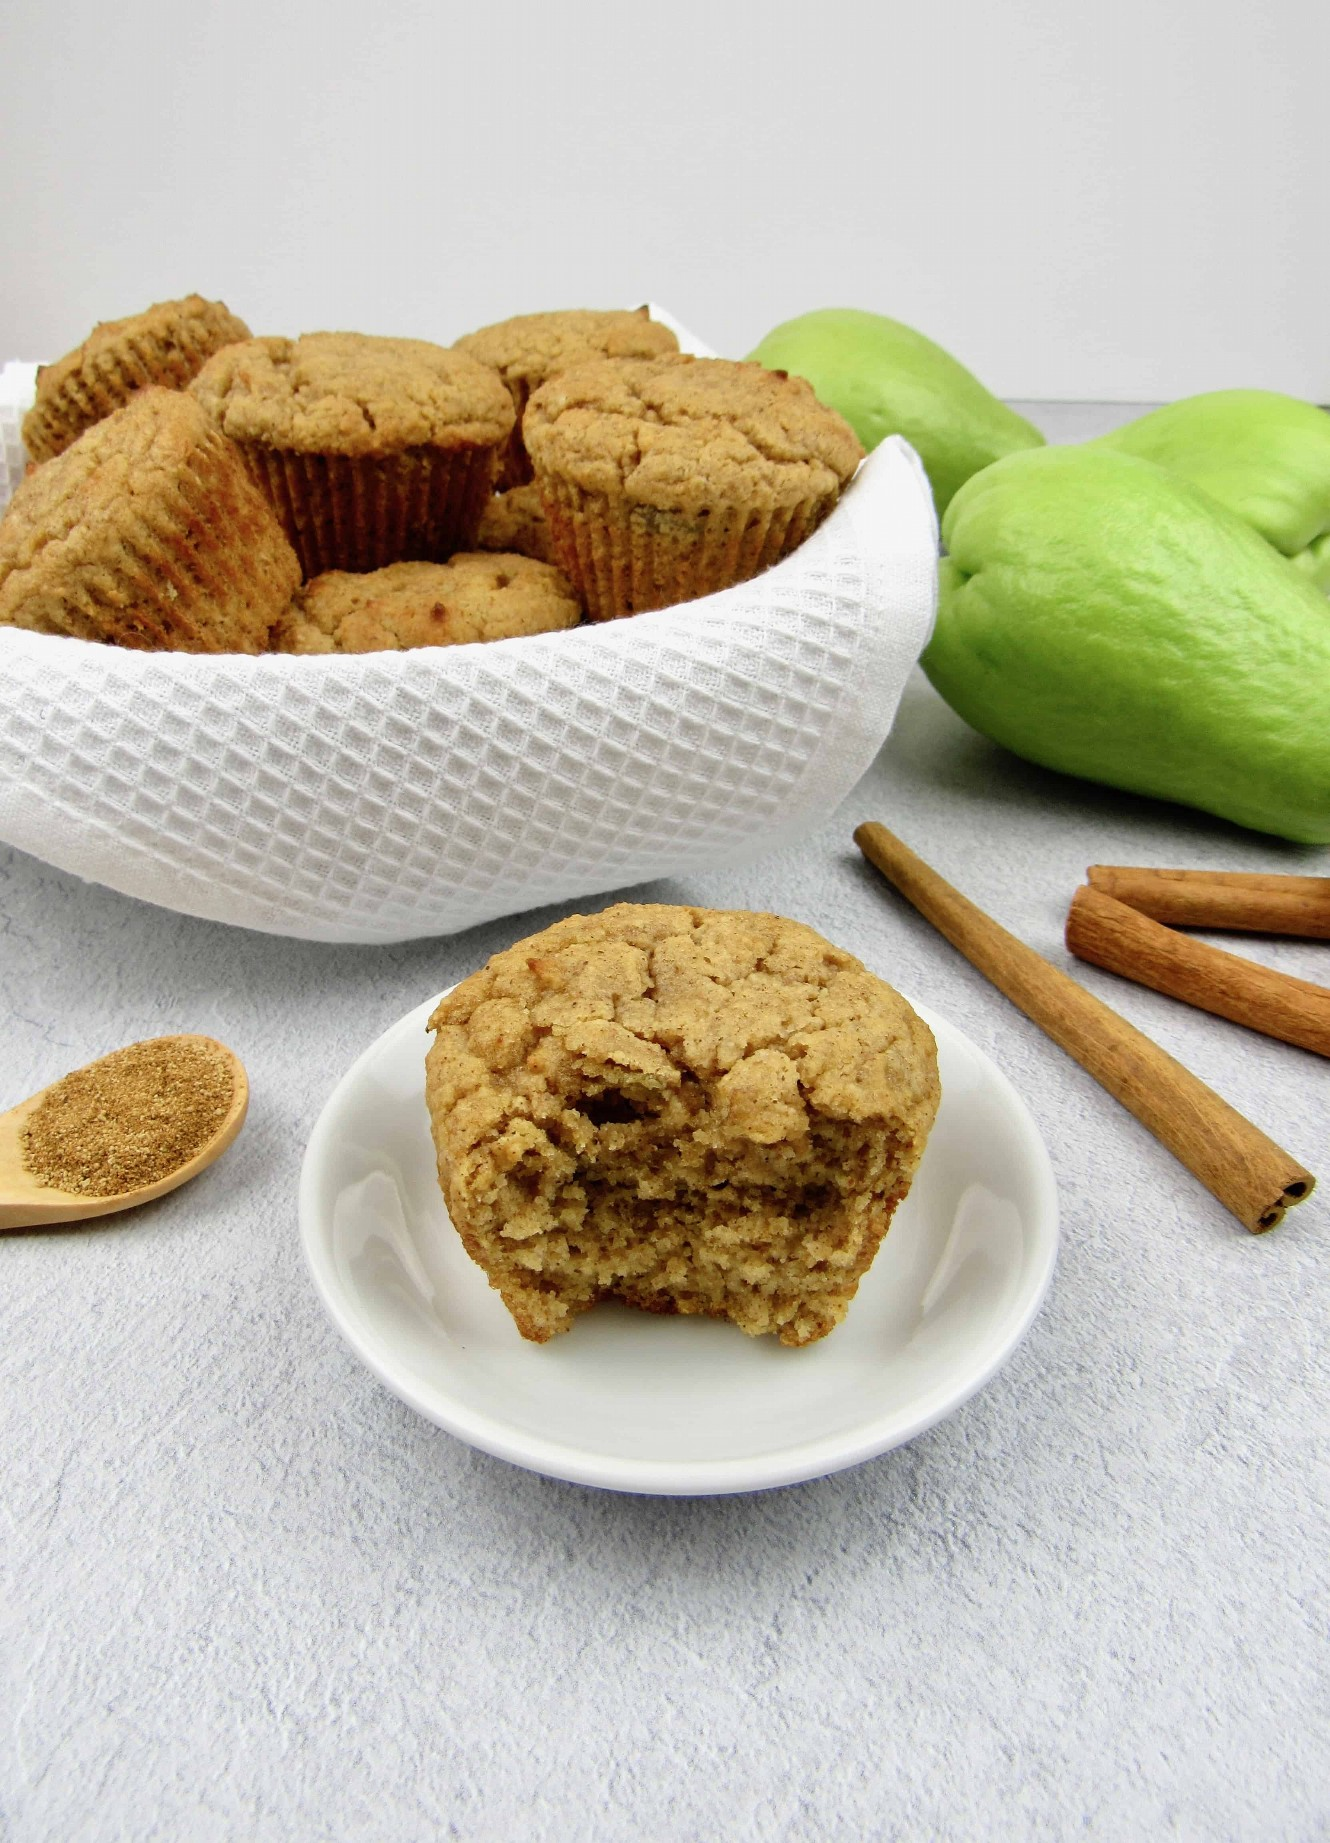 Muffin keto simulacro de manzana con mordisco sacado y canasta con muffins en el fondo